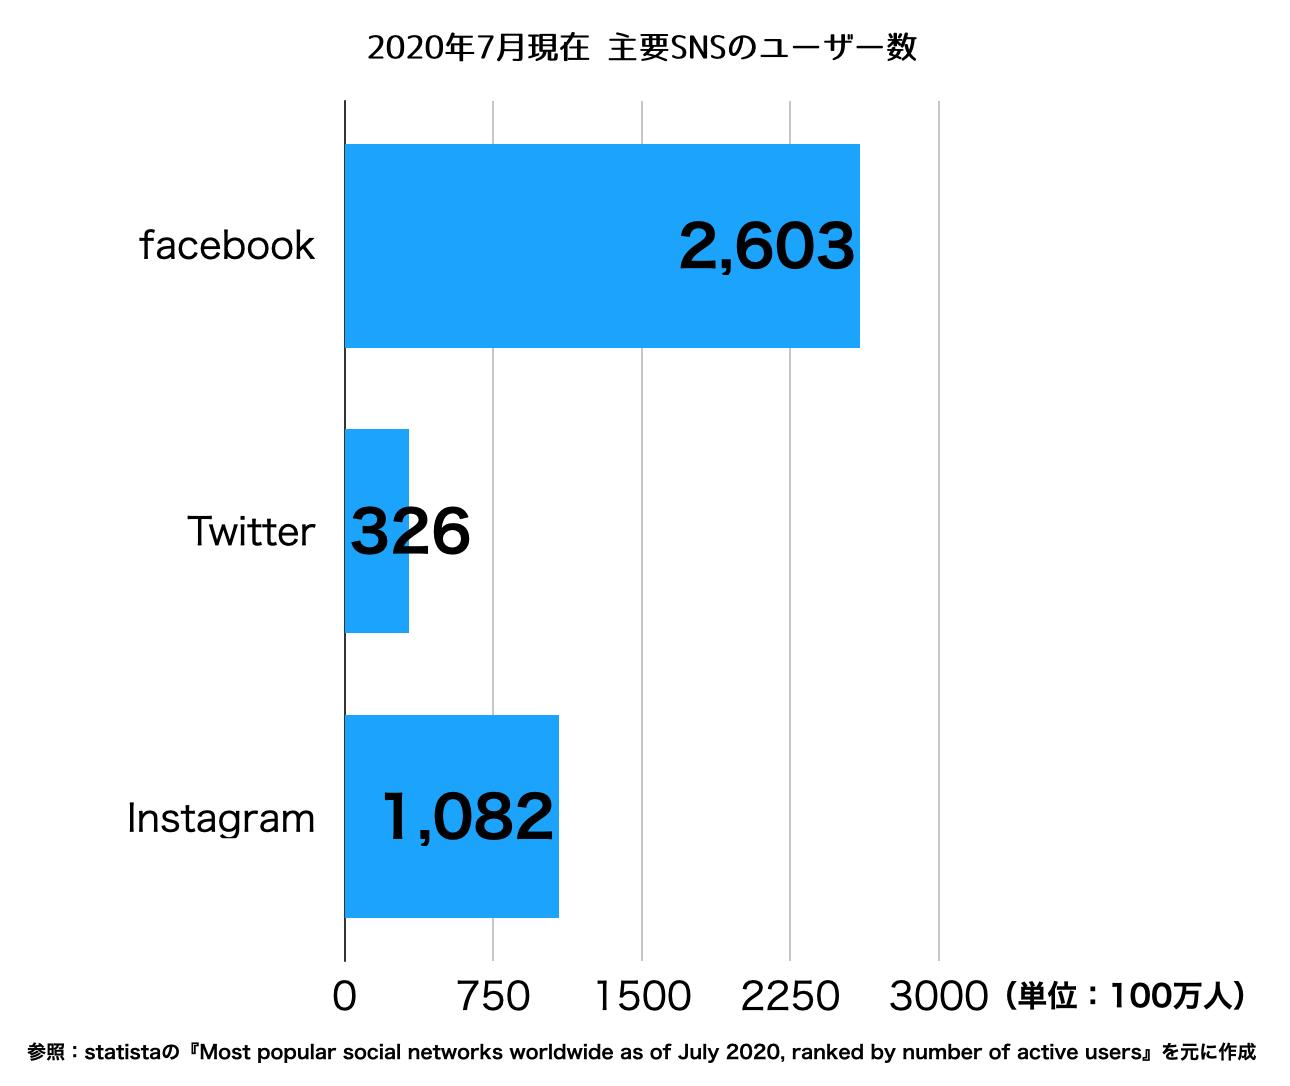 2020年7月現在、Facebook、Twitter、インスタグラムのユーザー数